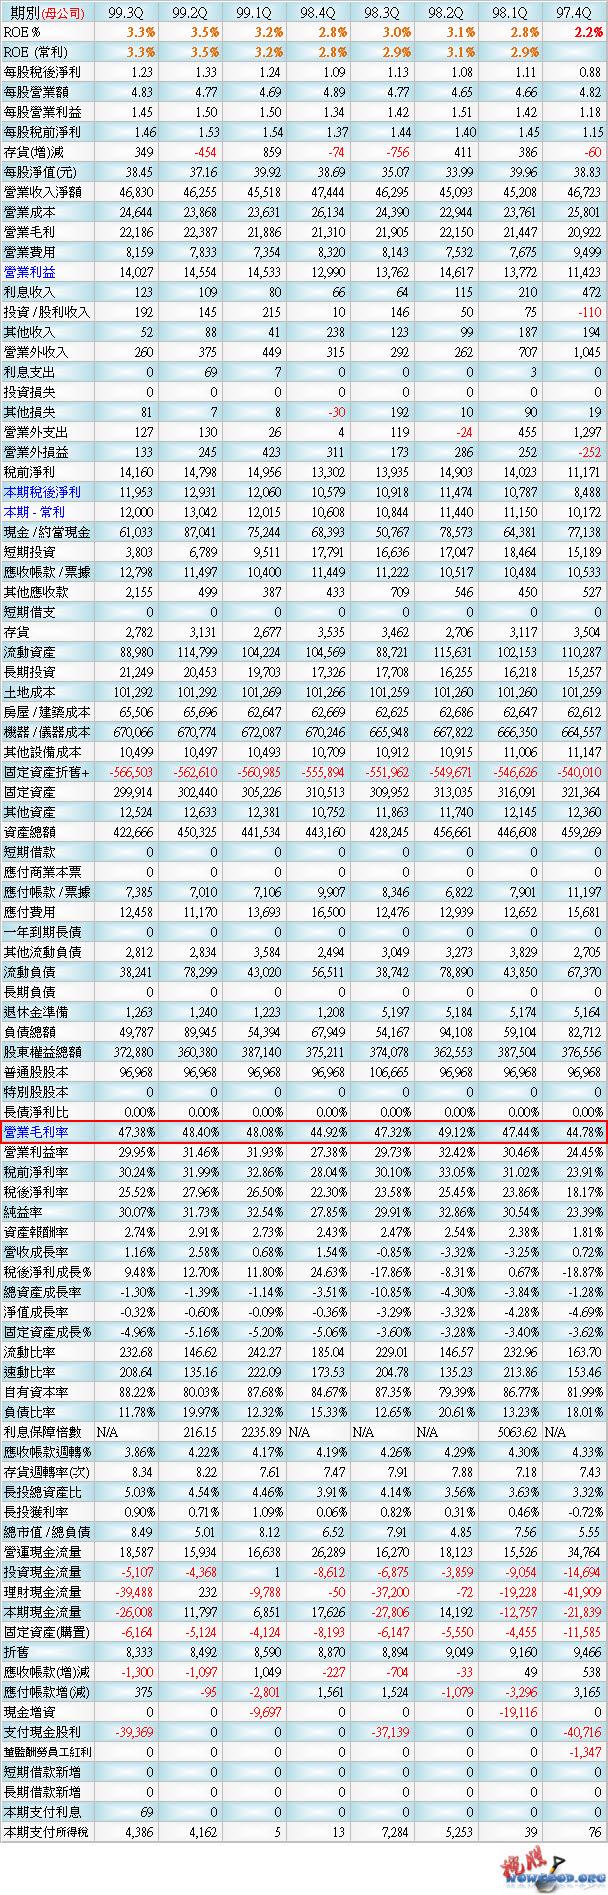 2412 中華電_季報